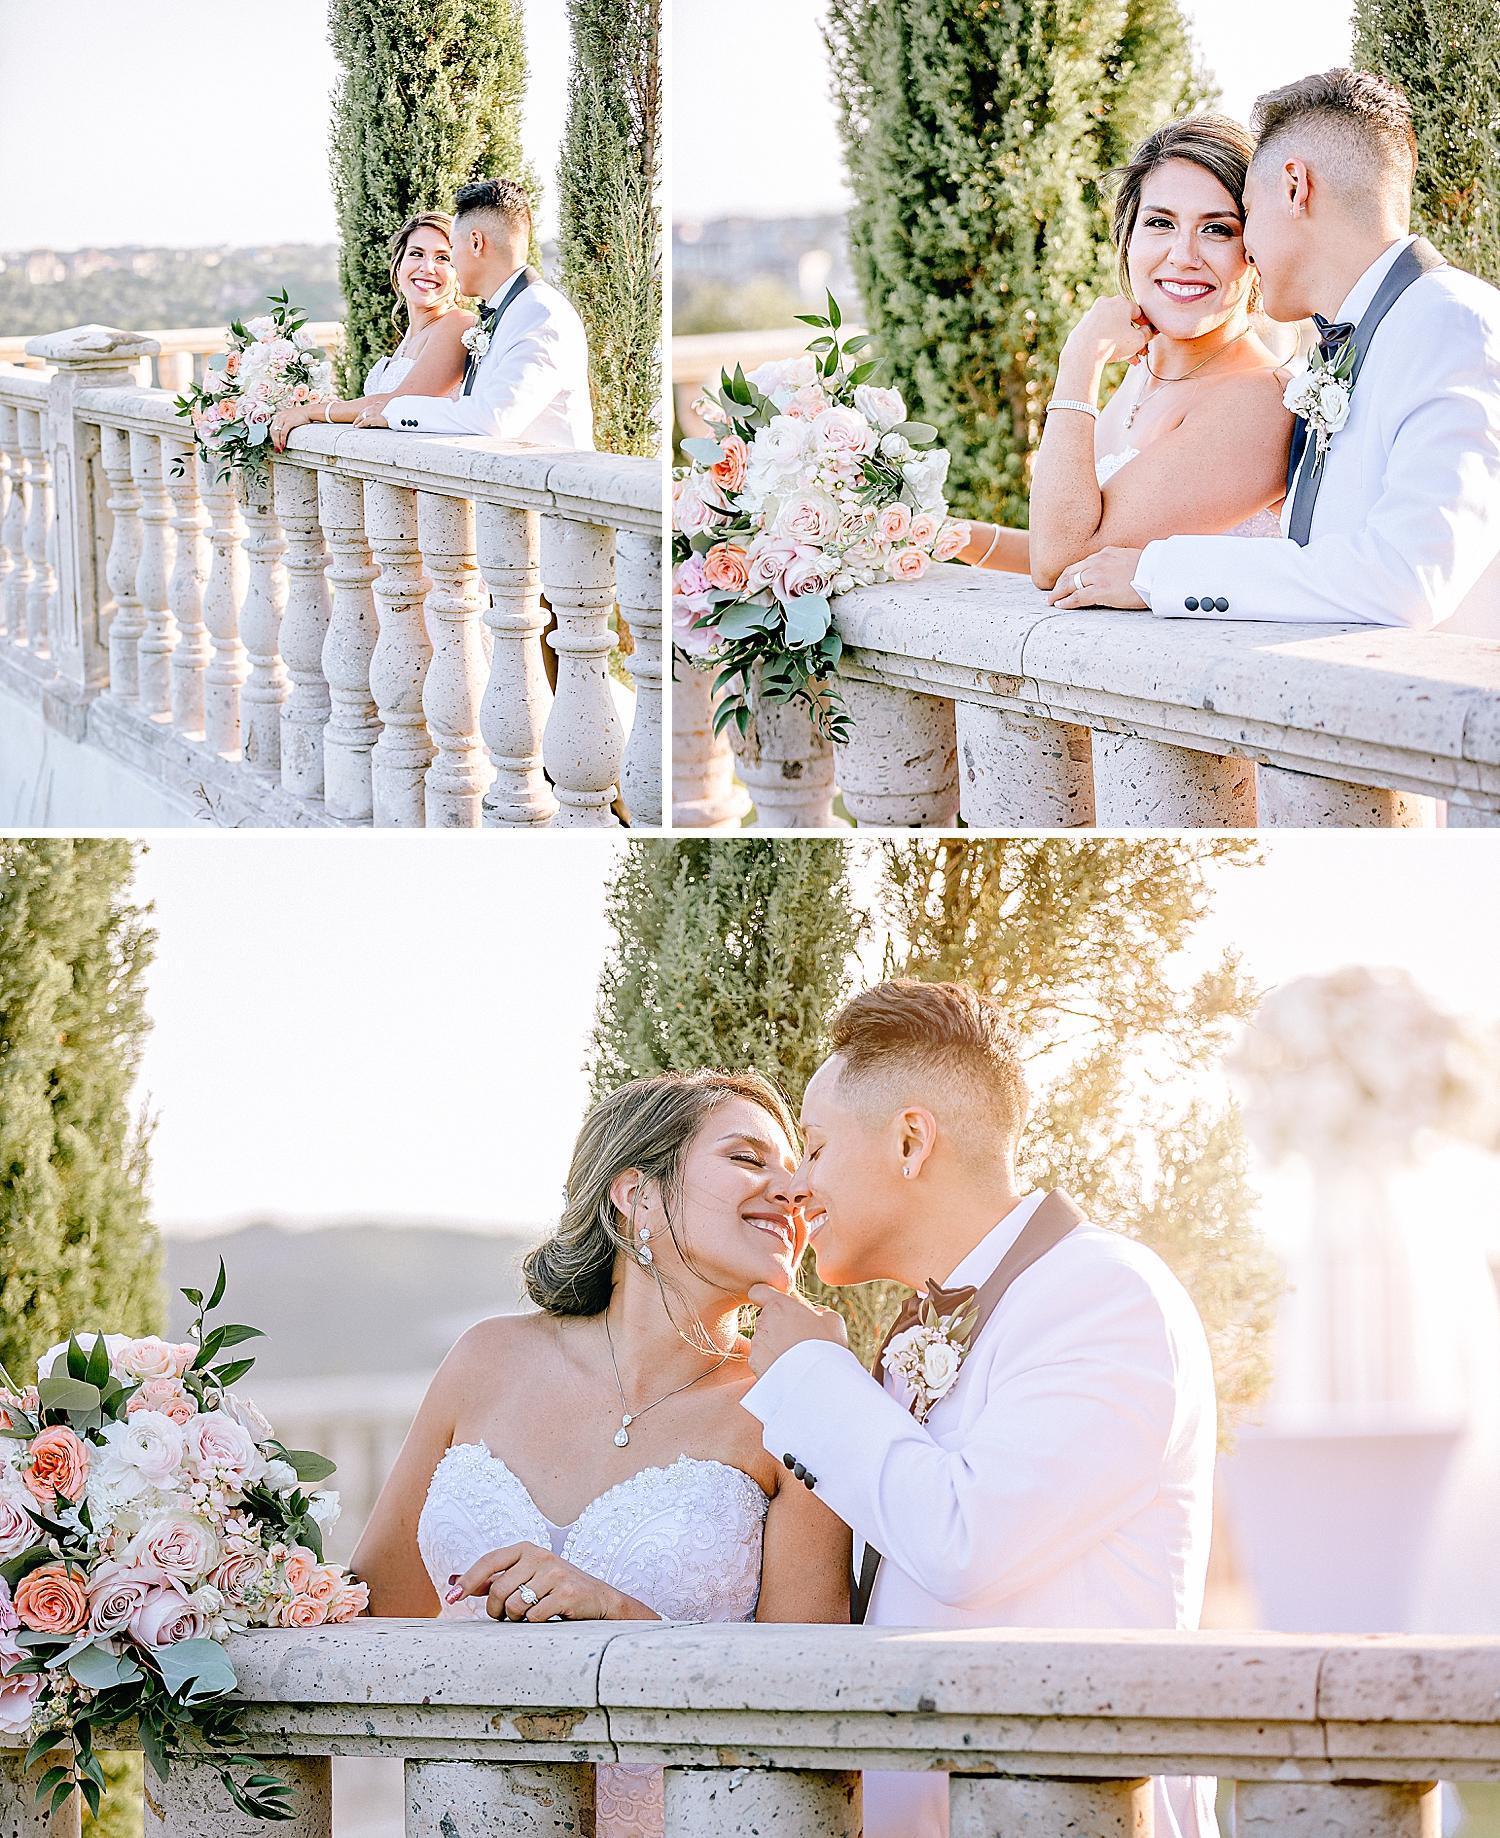 Carly-Barton-Photography-The-Villa-at-Cielo-Vista-Blush-Gold-White-Wedding-Photos_0142.jpg